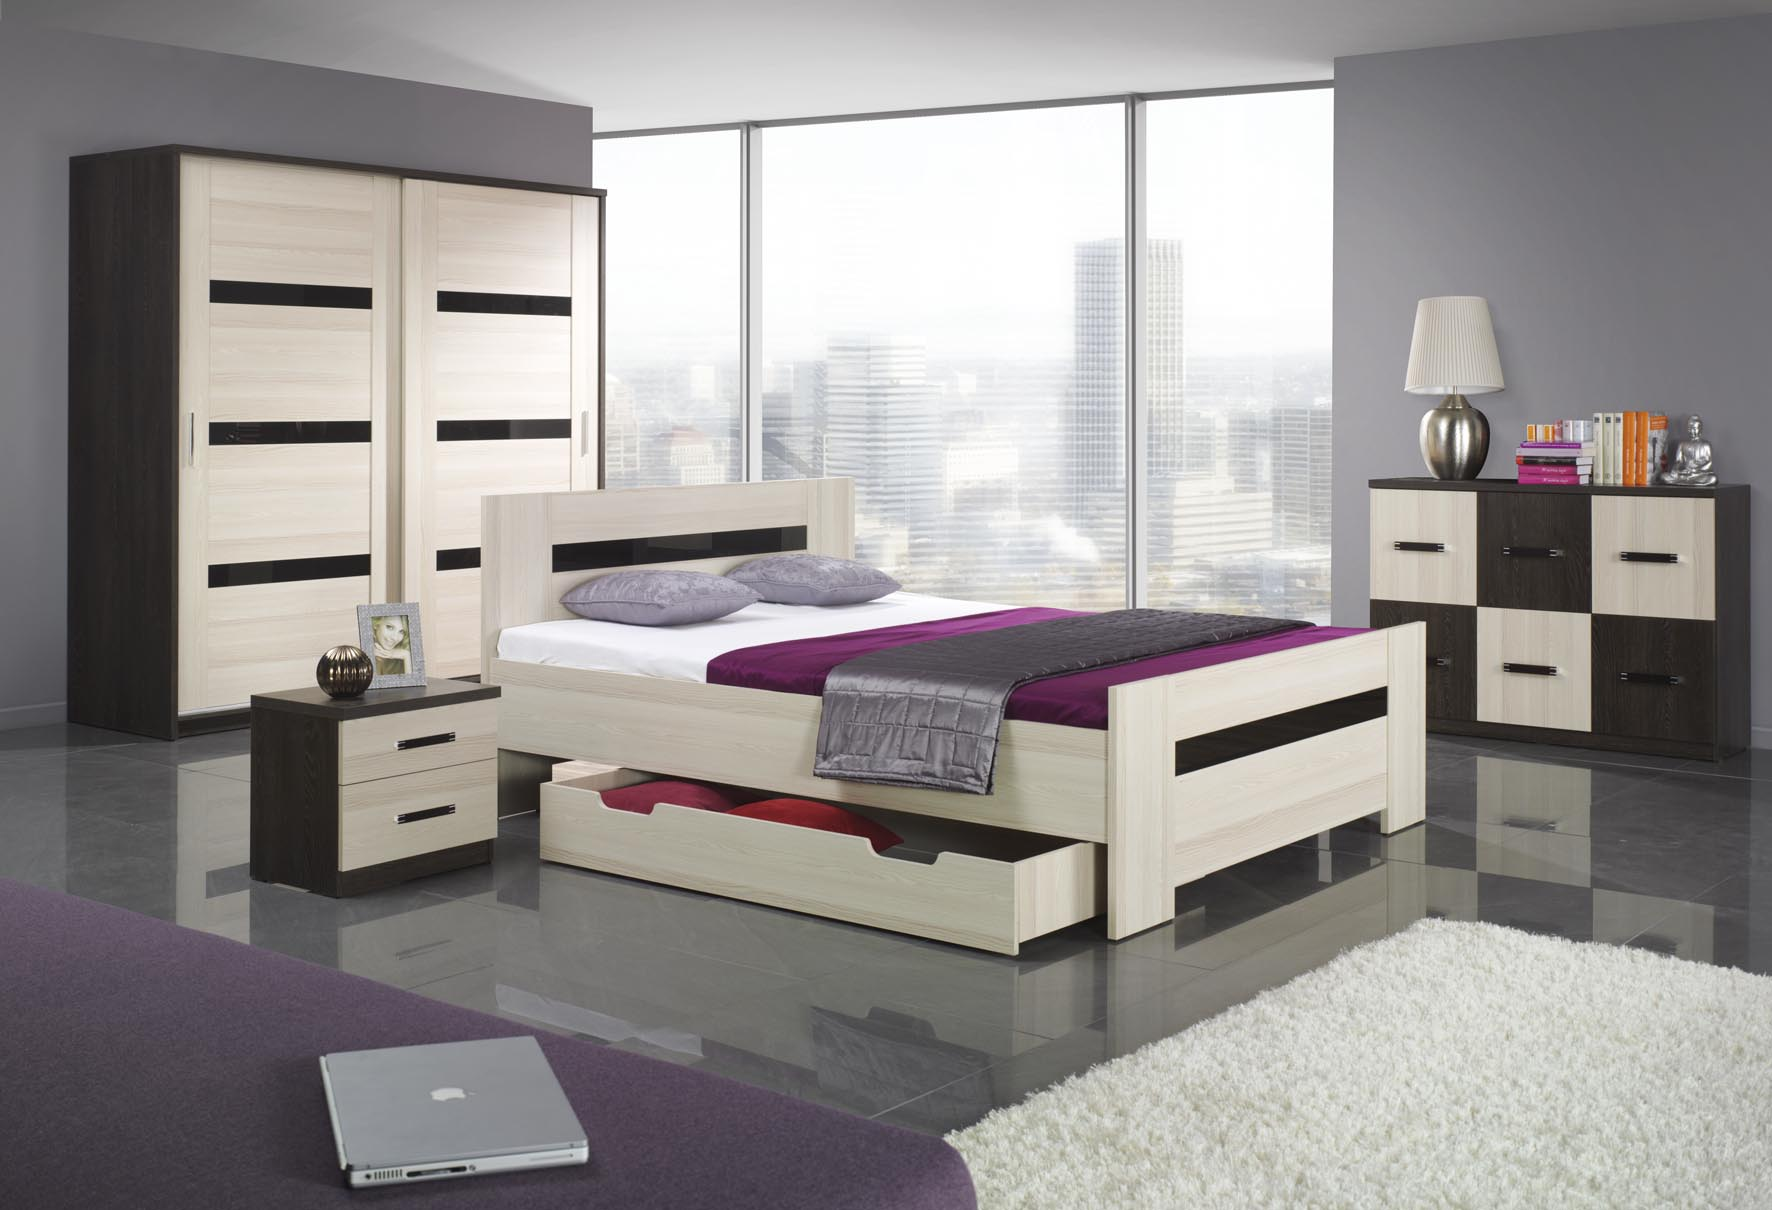 giường ngủ hiện đại 17